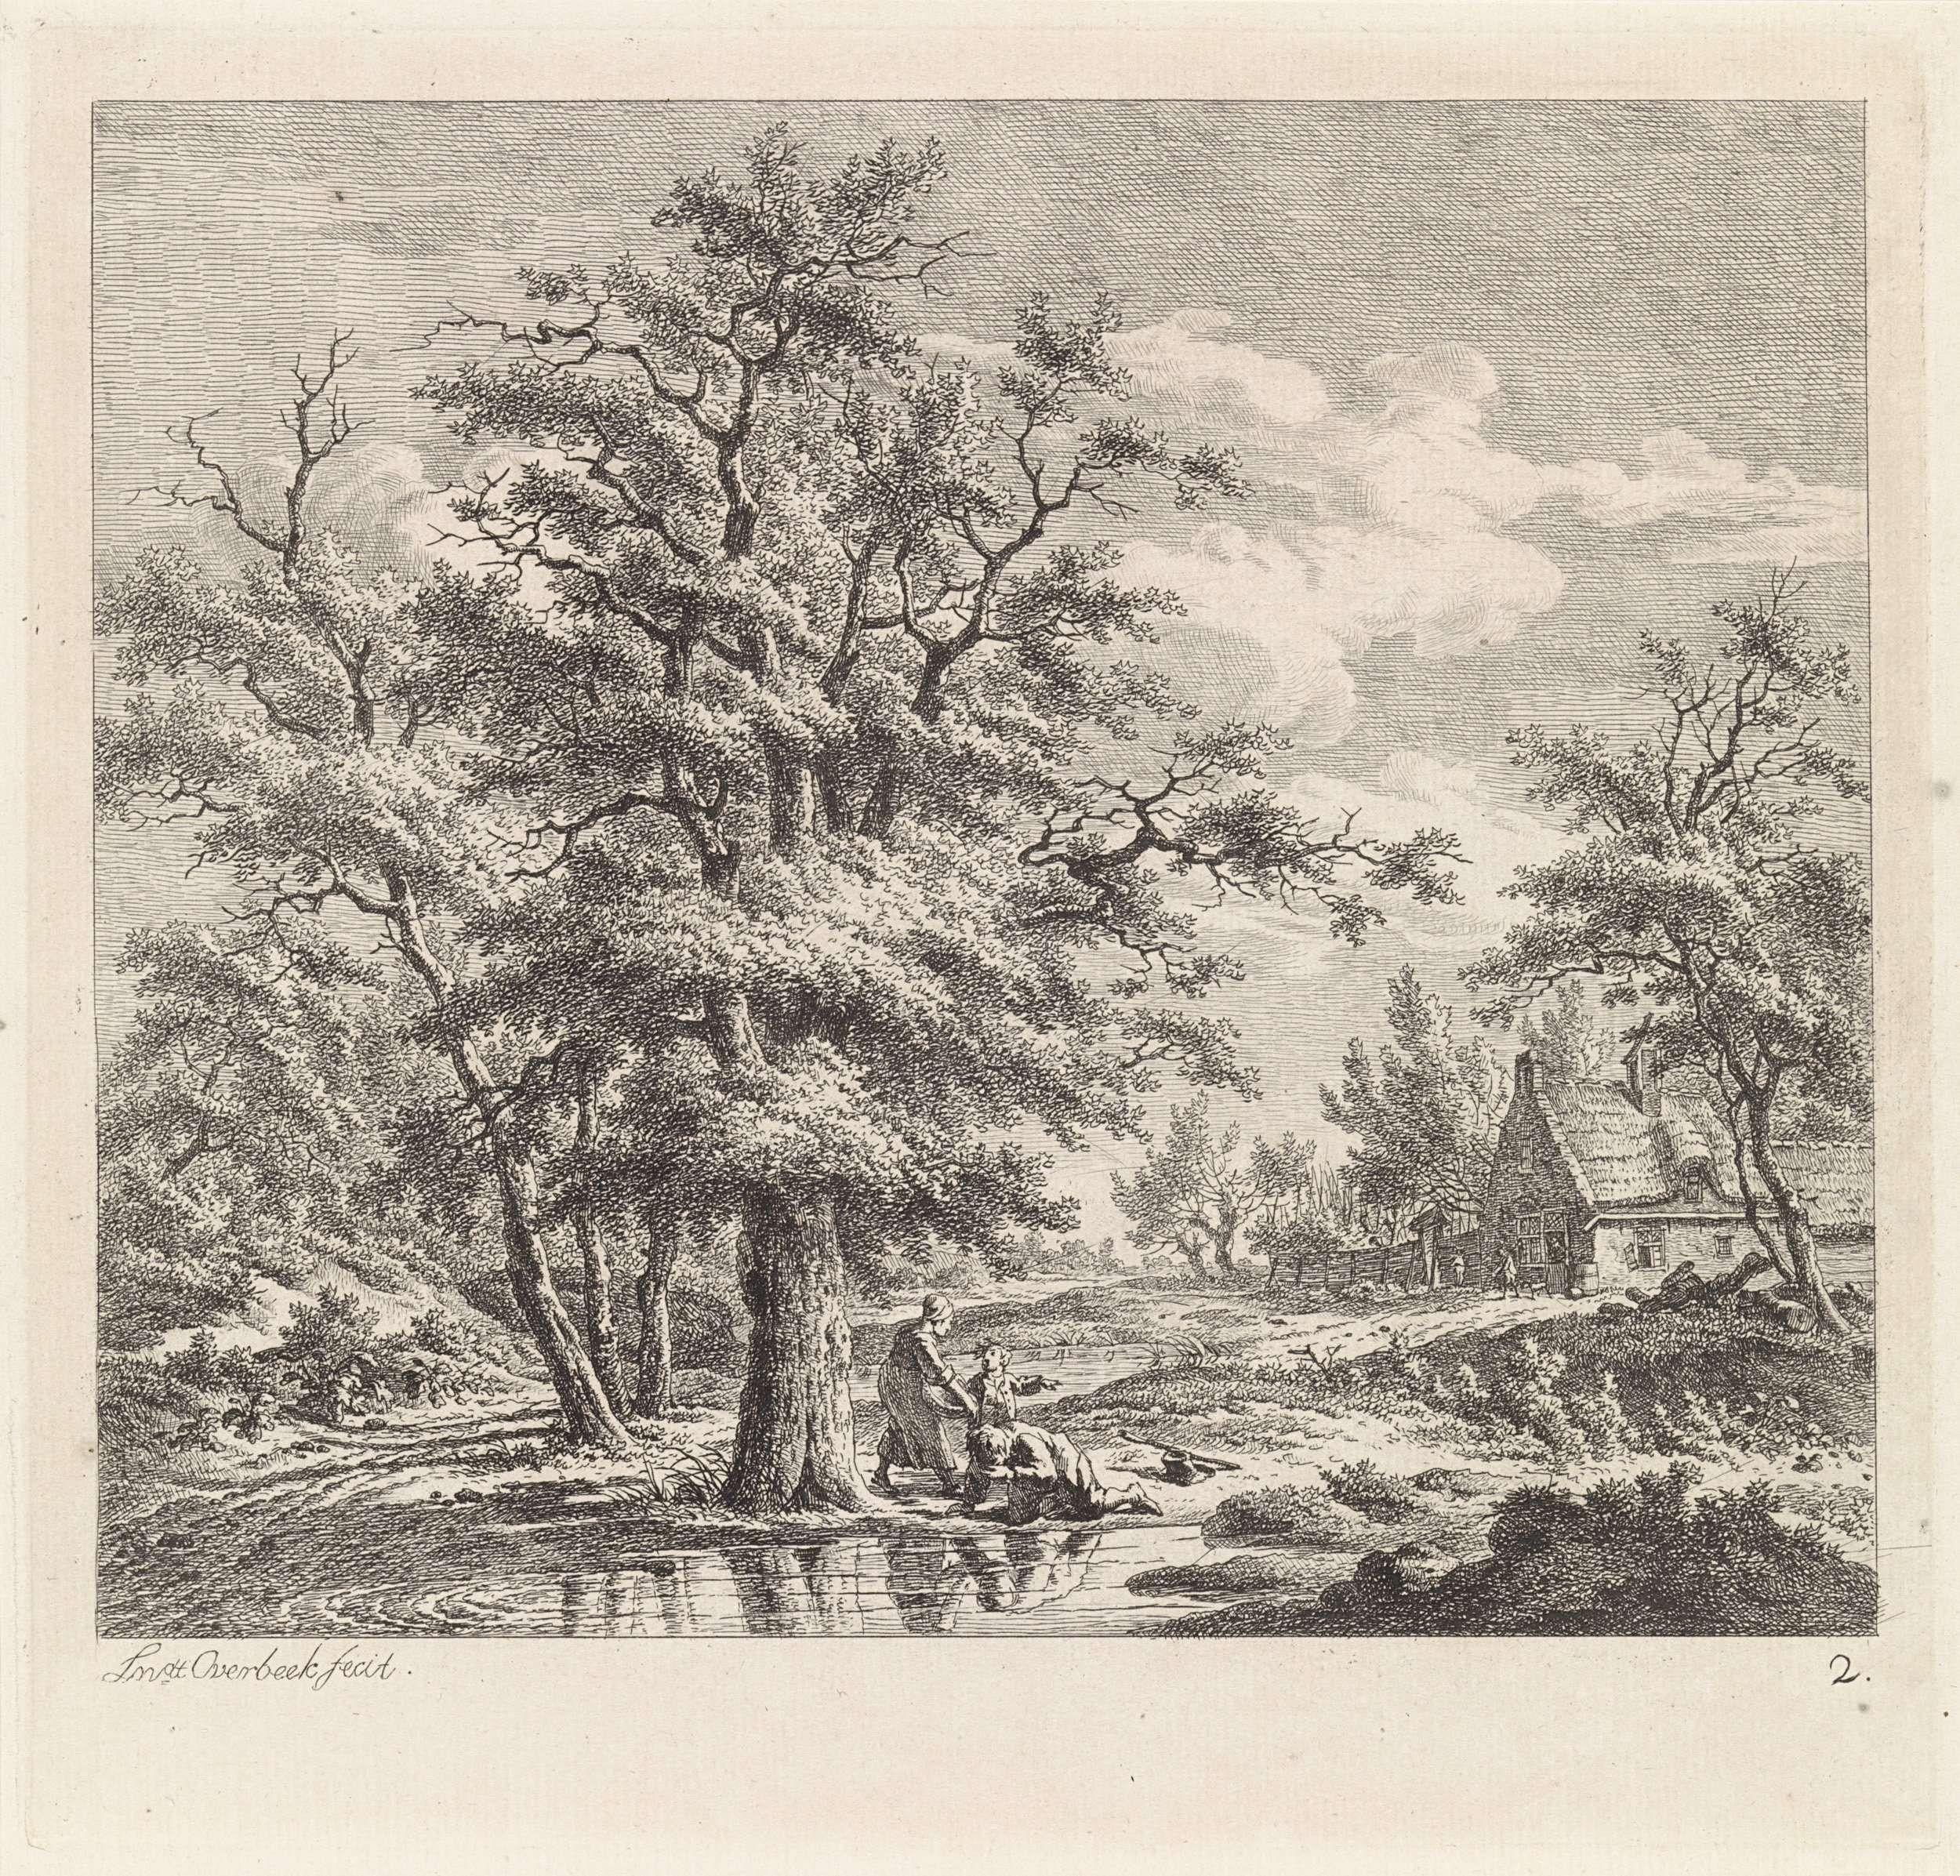 Leendert Overbeek   Twee jongen bij een meer, Leendert Overbeek, 1775 - 1815   Twee jongens spelen bij een meer. Eentje wast zijn gezicht in het meer, de tweede vraagt een oude vrouw de weg. Even verderop een boerderij met omheinde tuin.